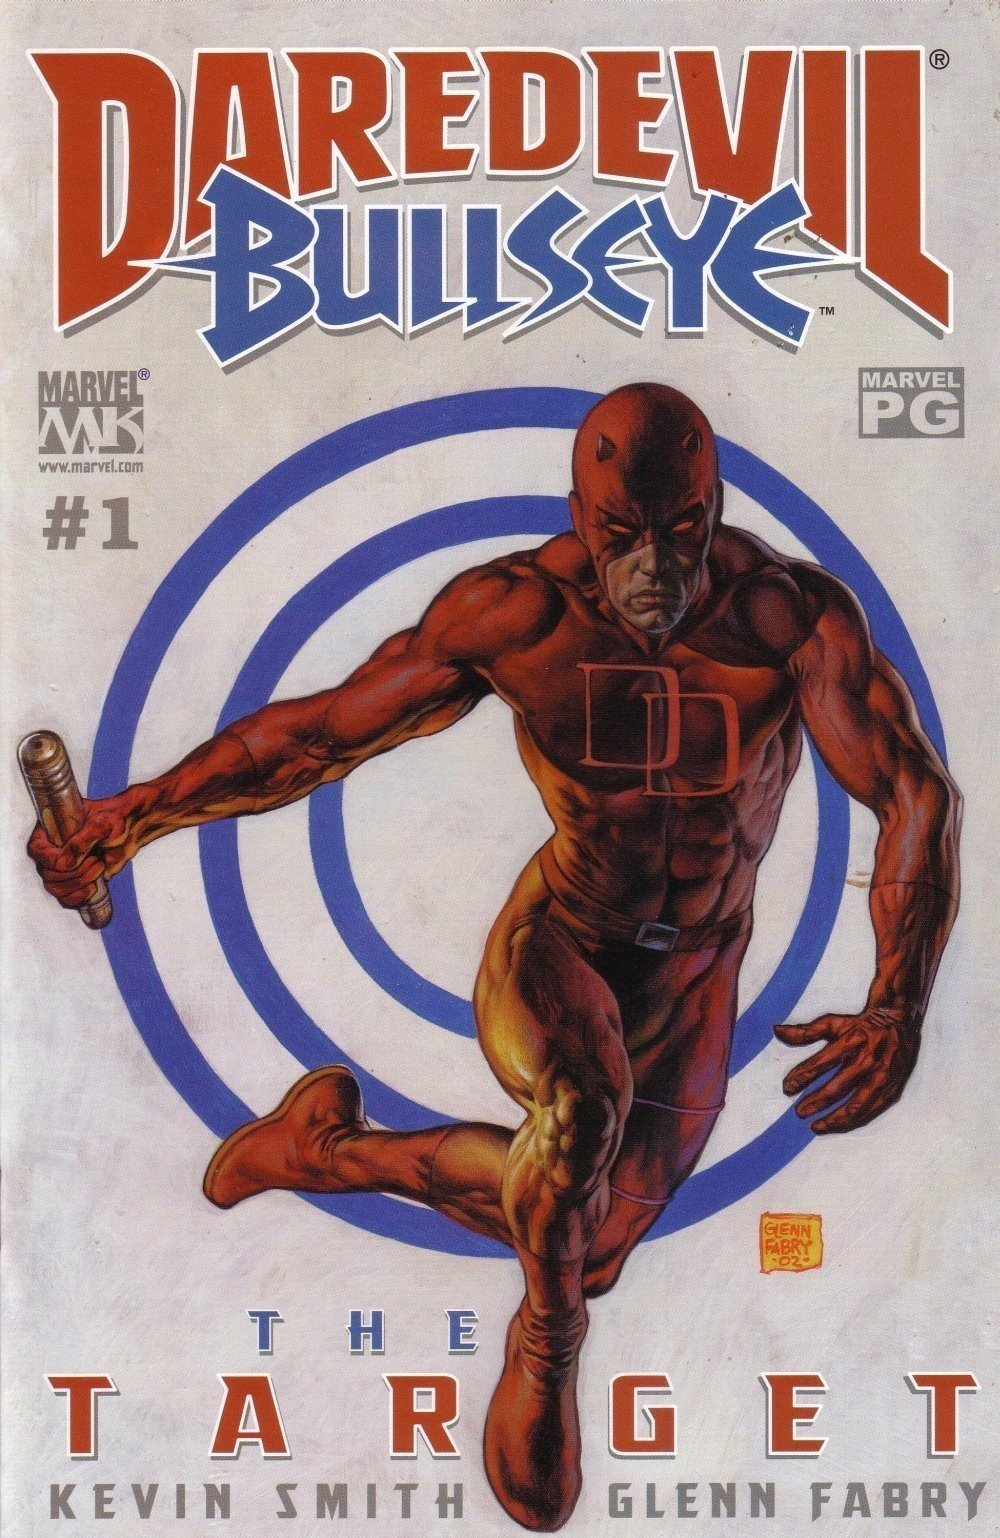 glenn fabry. daredevil - bullseye. the target. no. 001. cover